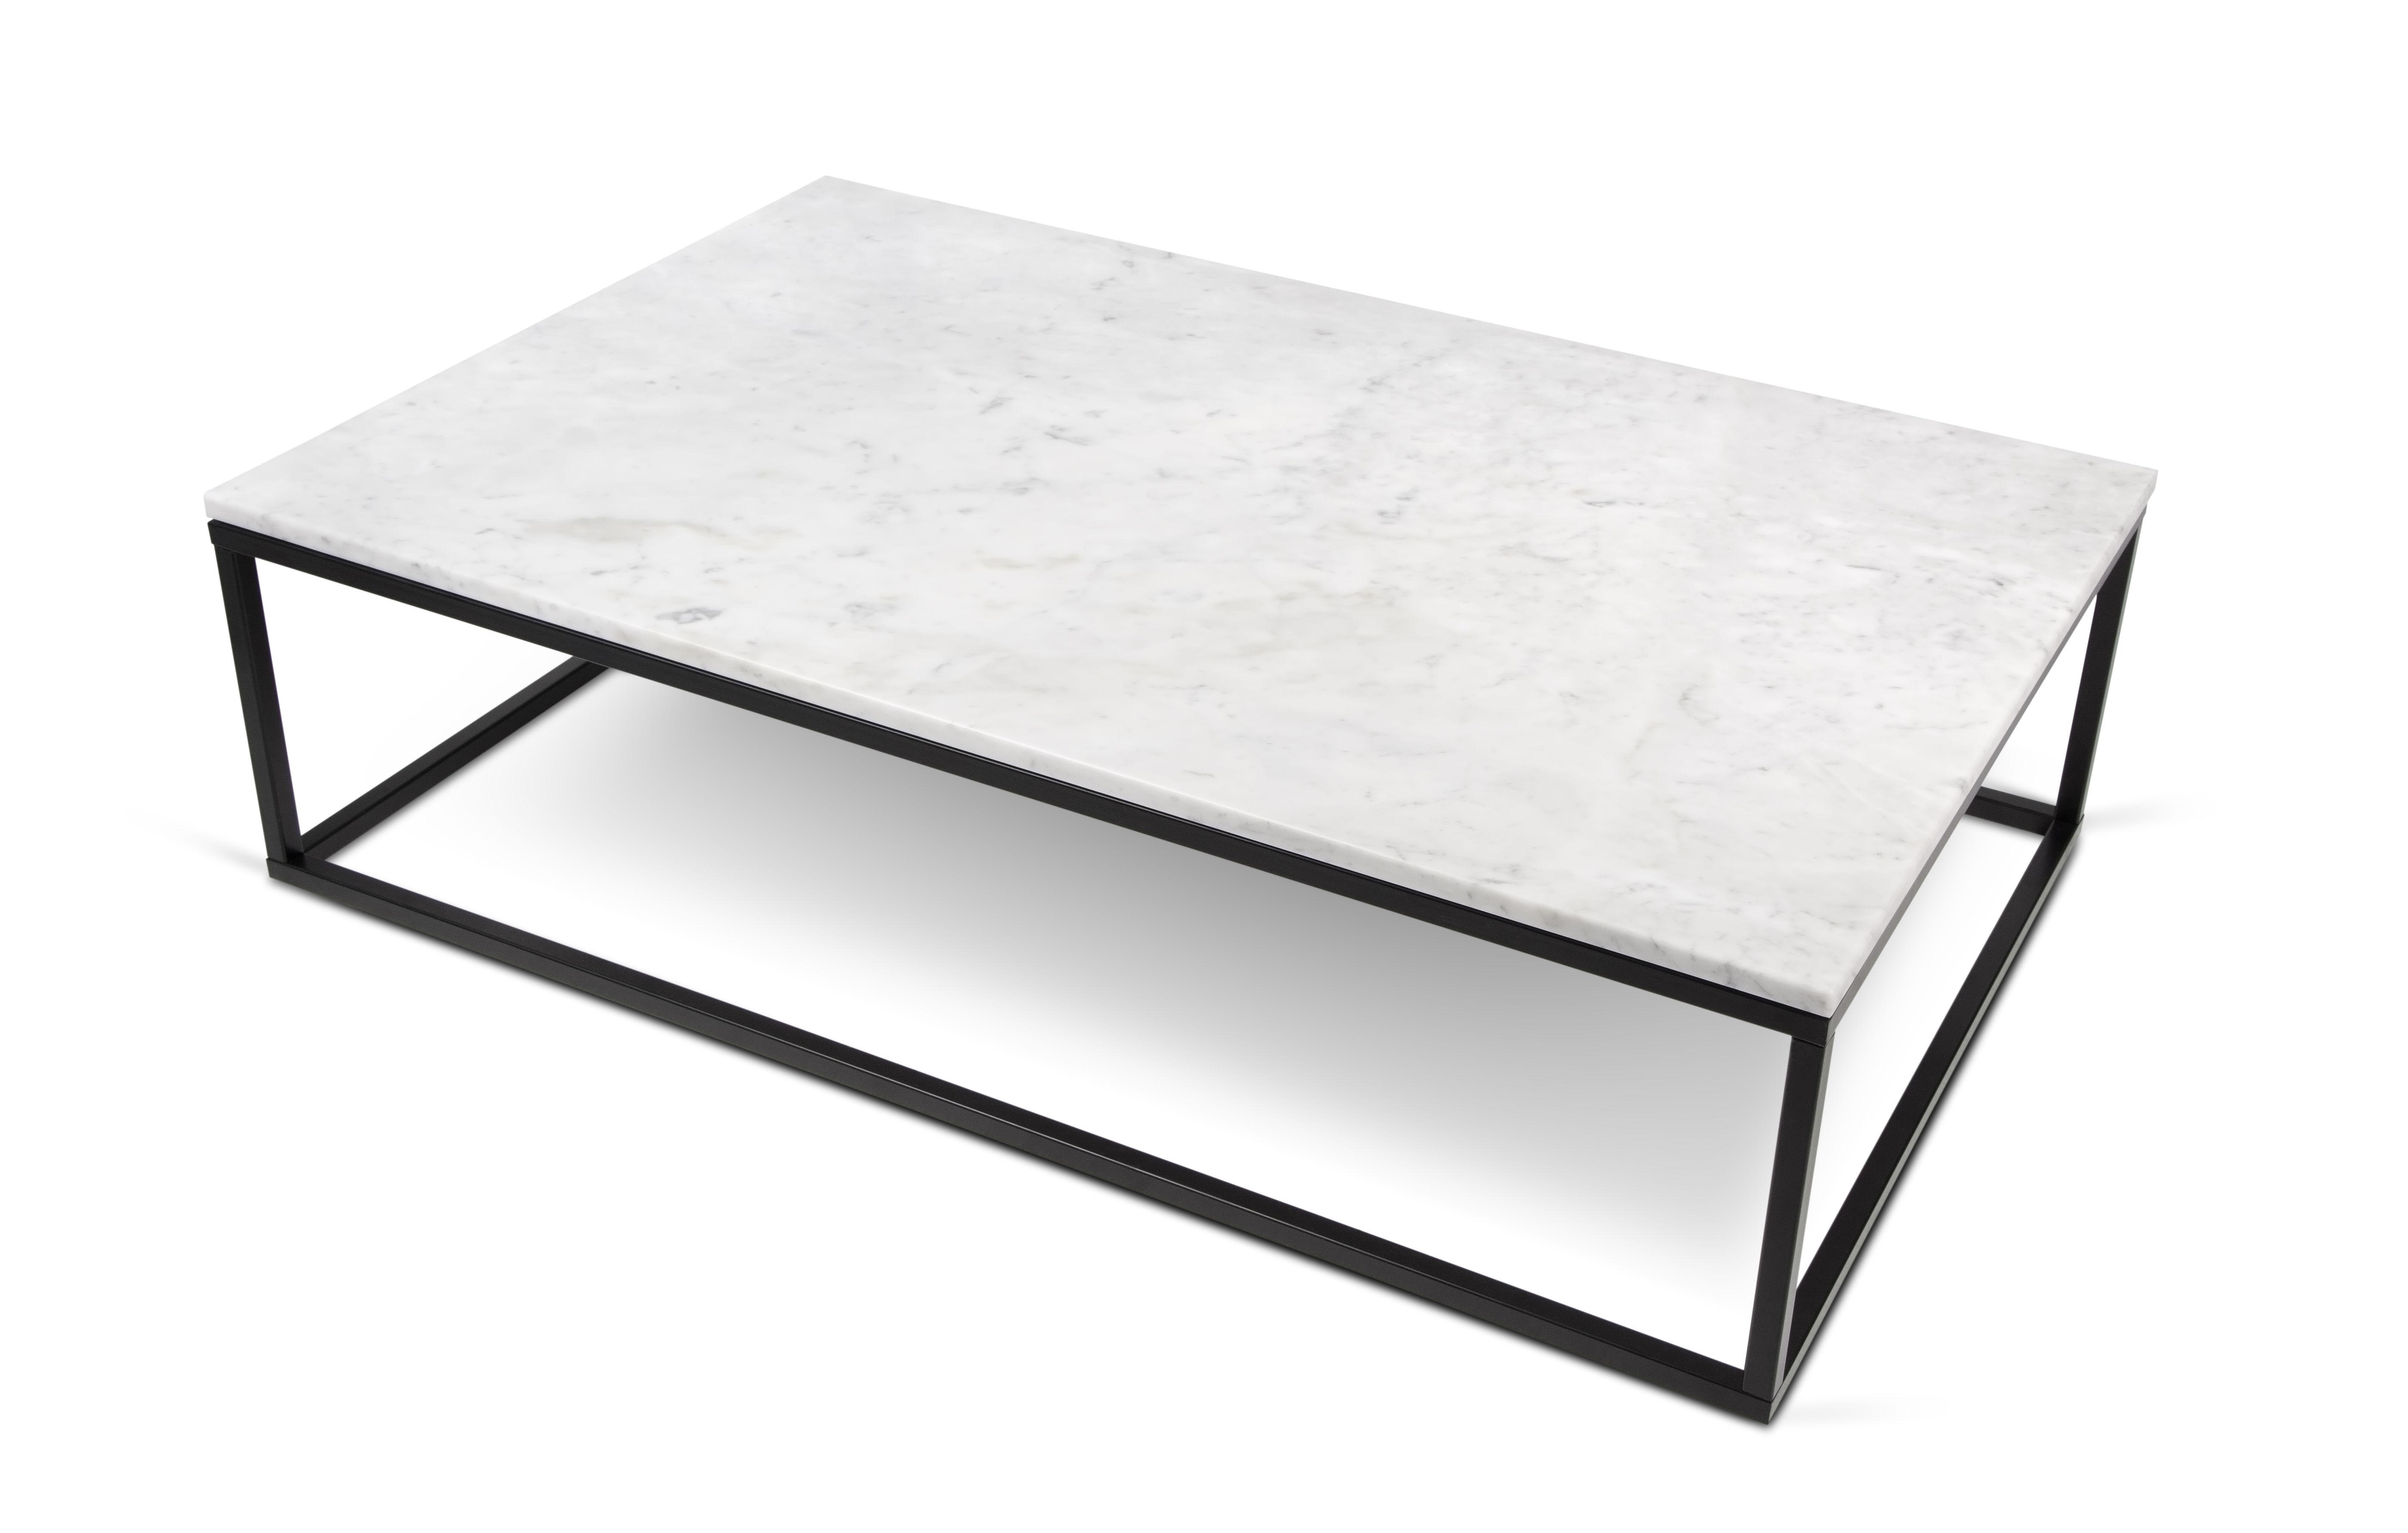 table basse marble pop up home marbre blanc pied noir 120 x 75 cm x h 35 cm epaisseur. Black Bedroom Furniture Sets. Home Design Ideas